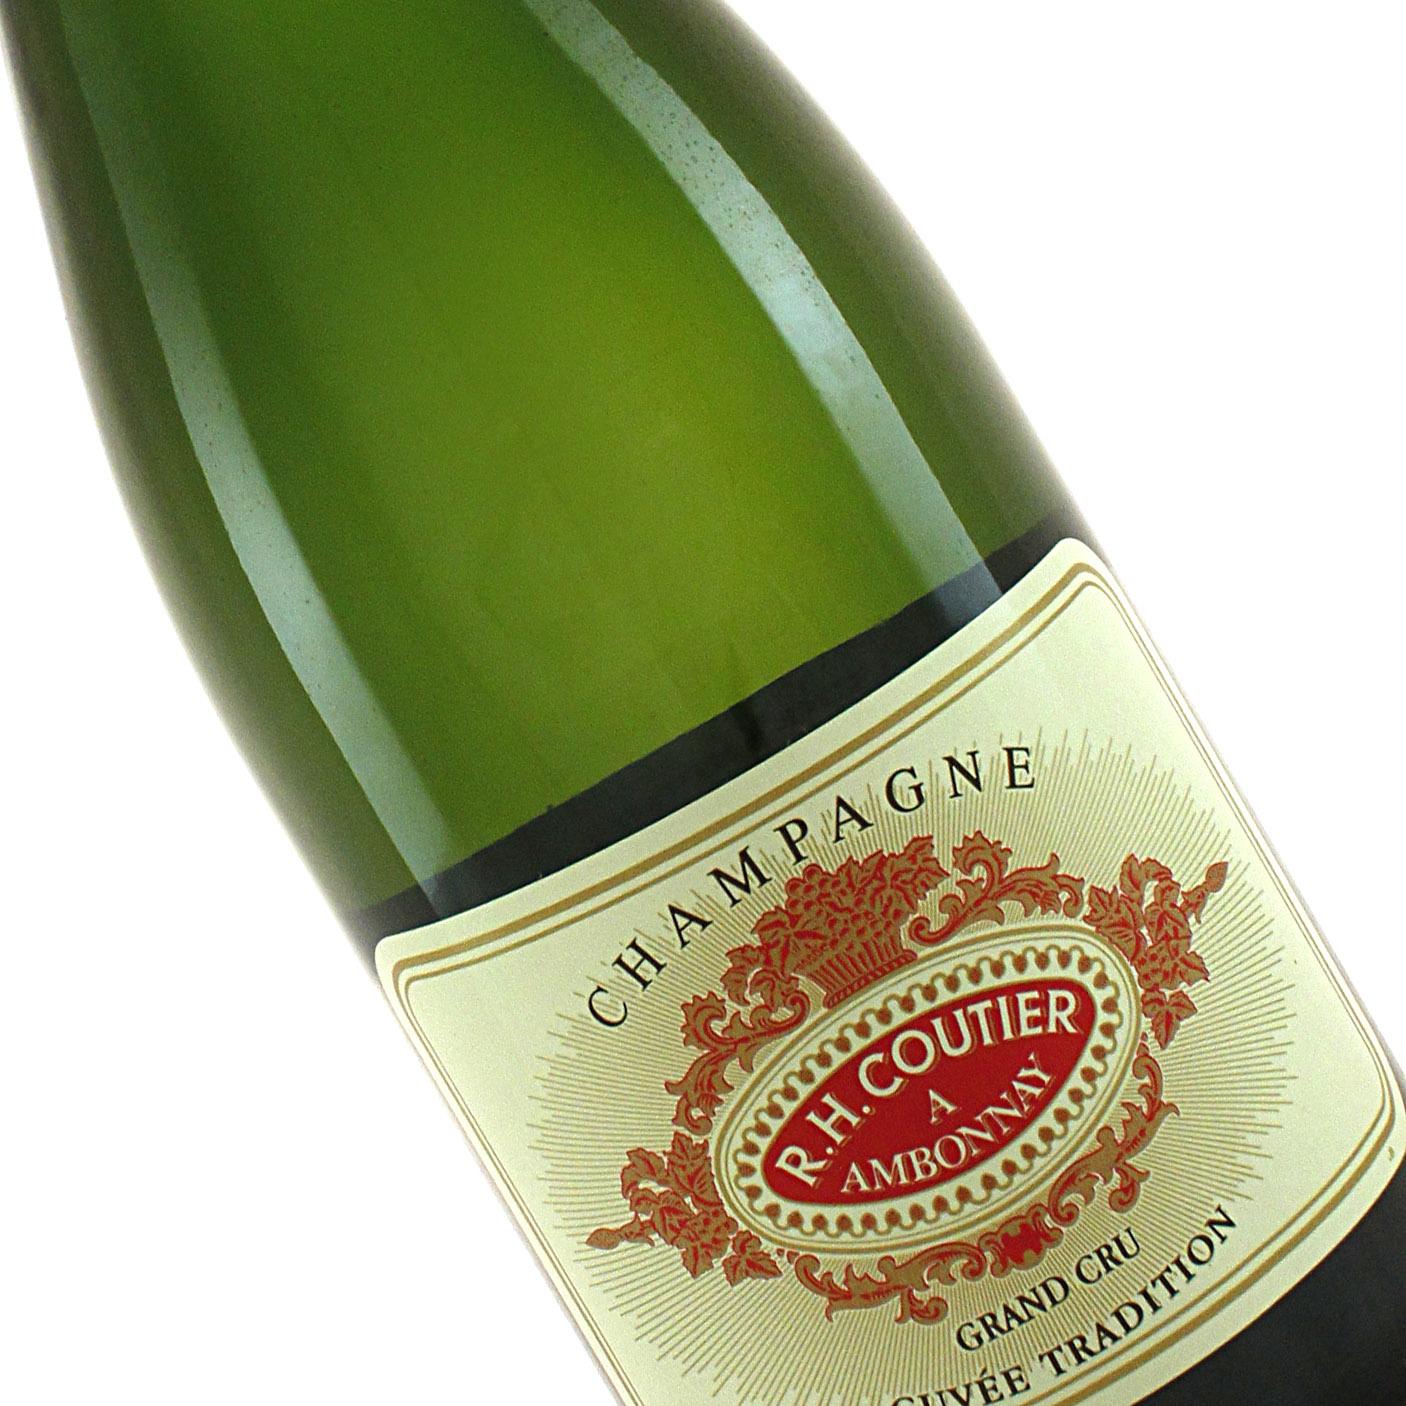 R. H. Coutier N.V. Brut Champagne Grand Cru, Ambonnay - Half Bottle